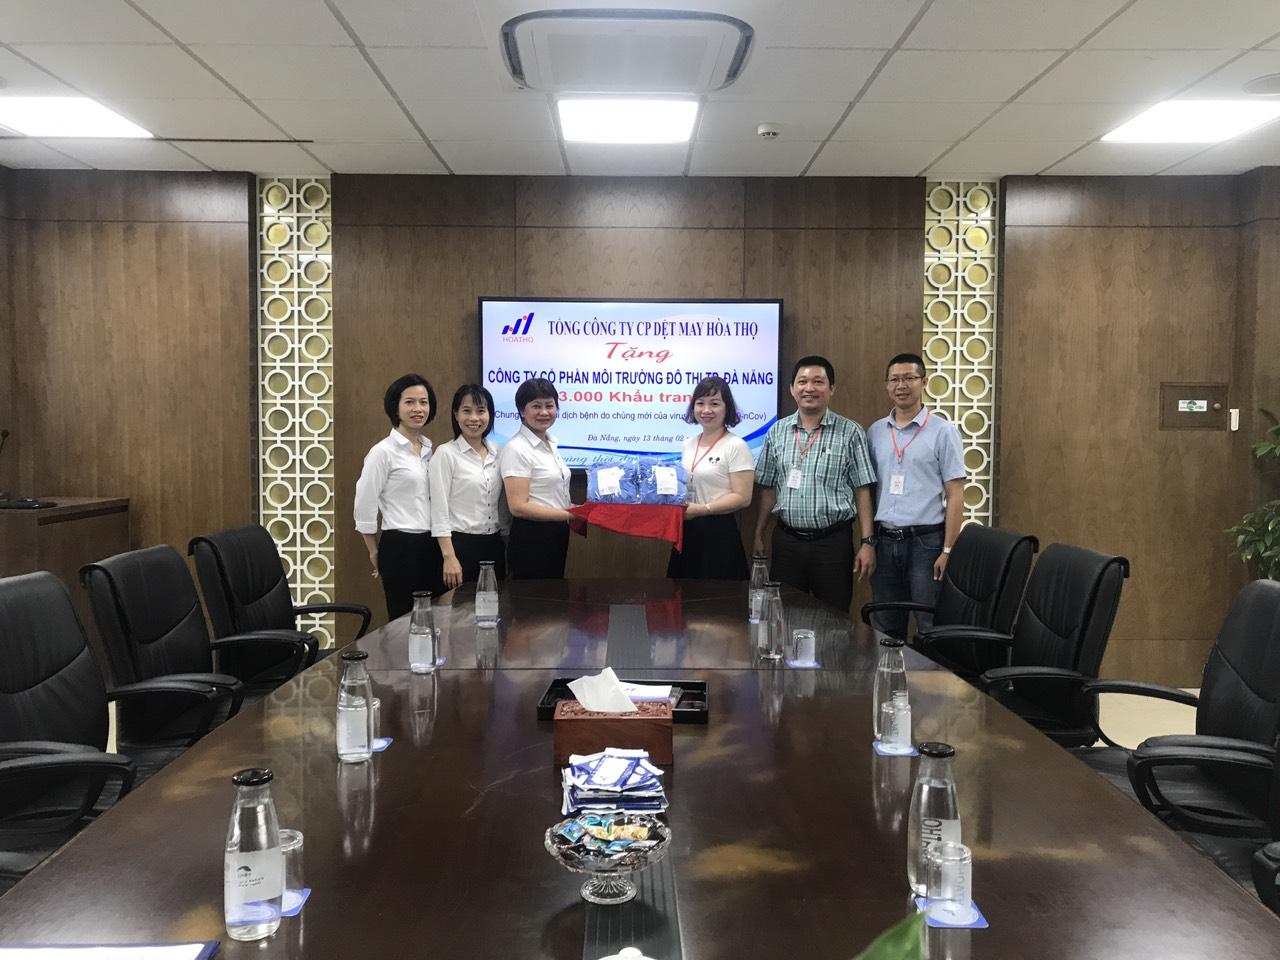 Vinatex thành lập Chi nhánh Tập đoàn Dệt May Việt Nam tại Tp. HCM